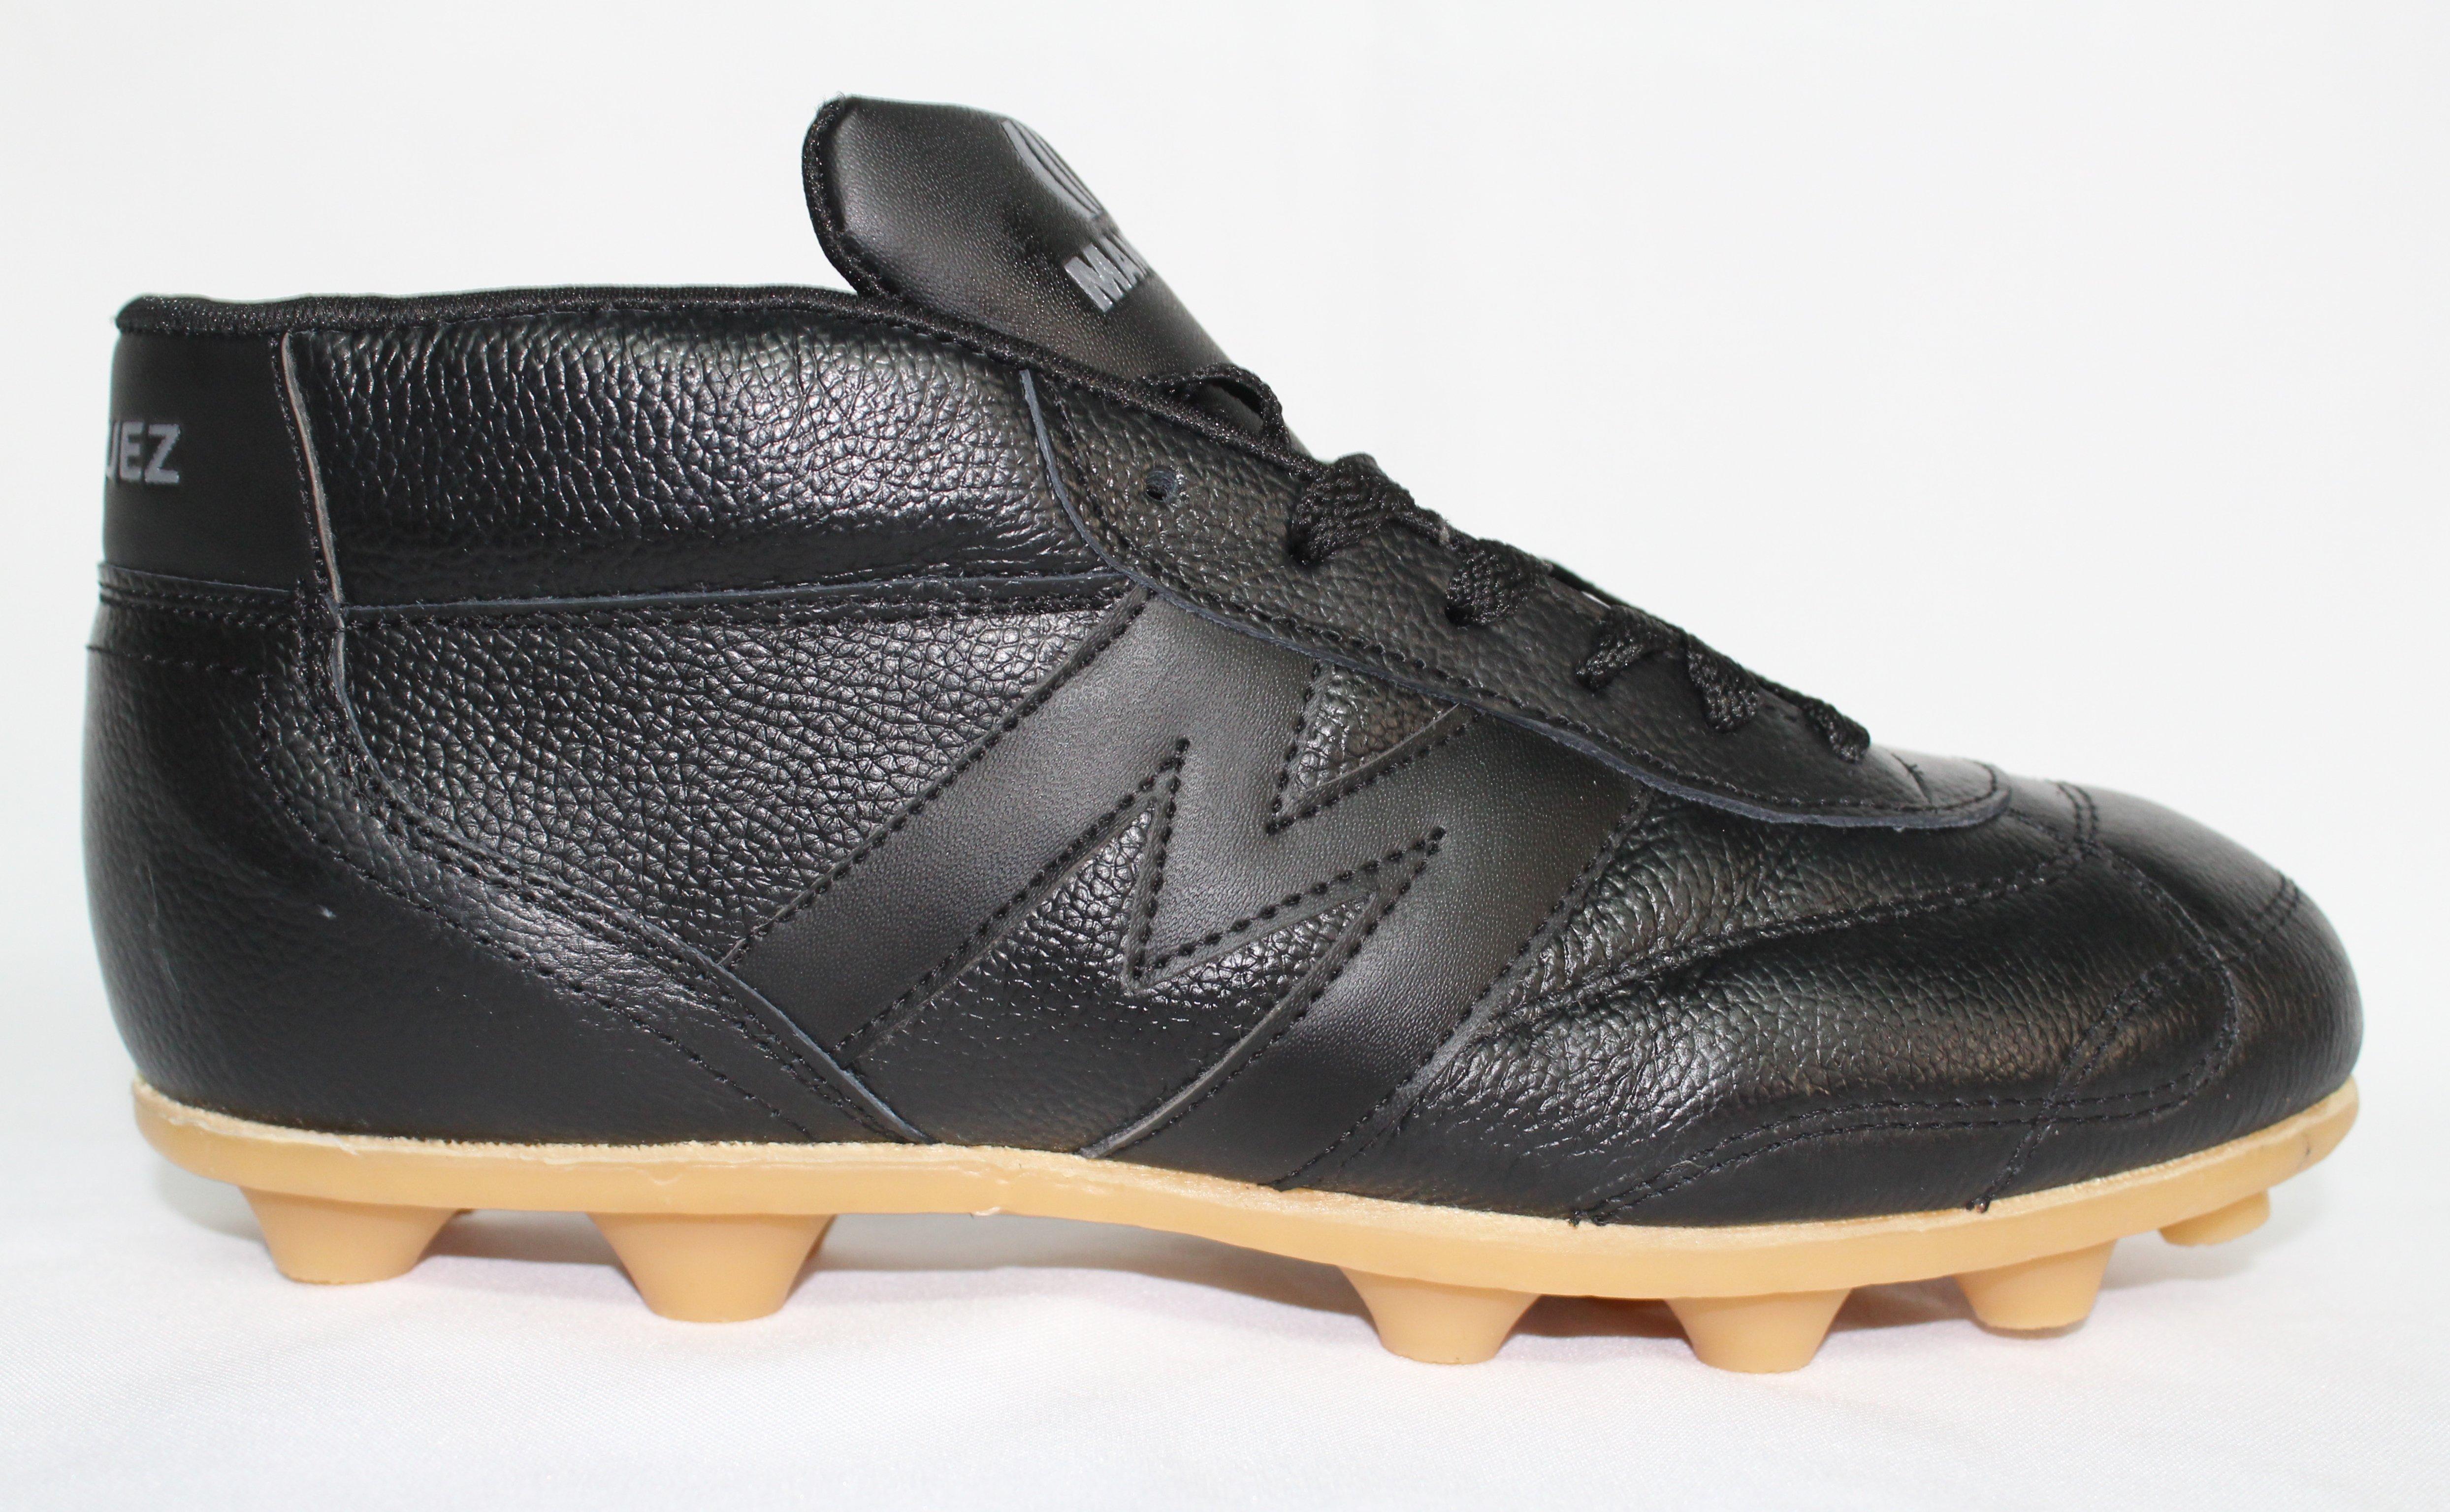 2393-Zapato futbol Manriquez modelo Bota Vintage TX